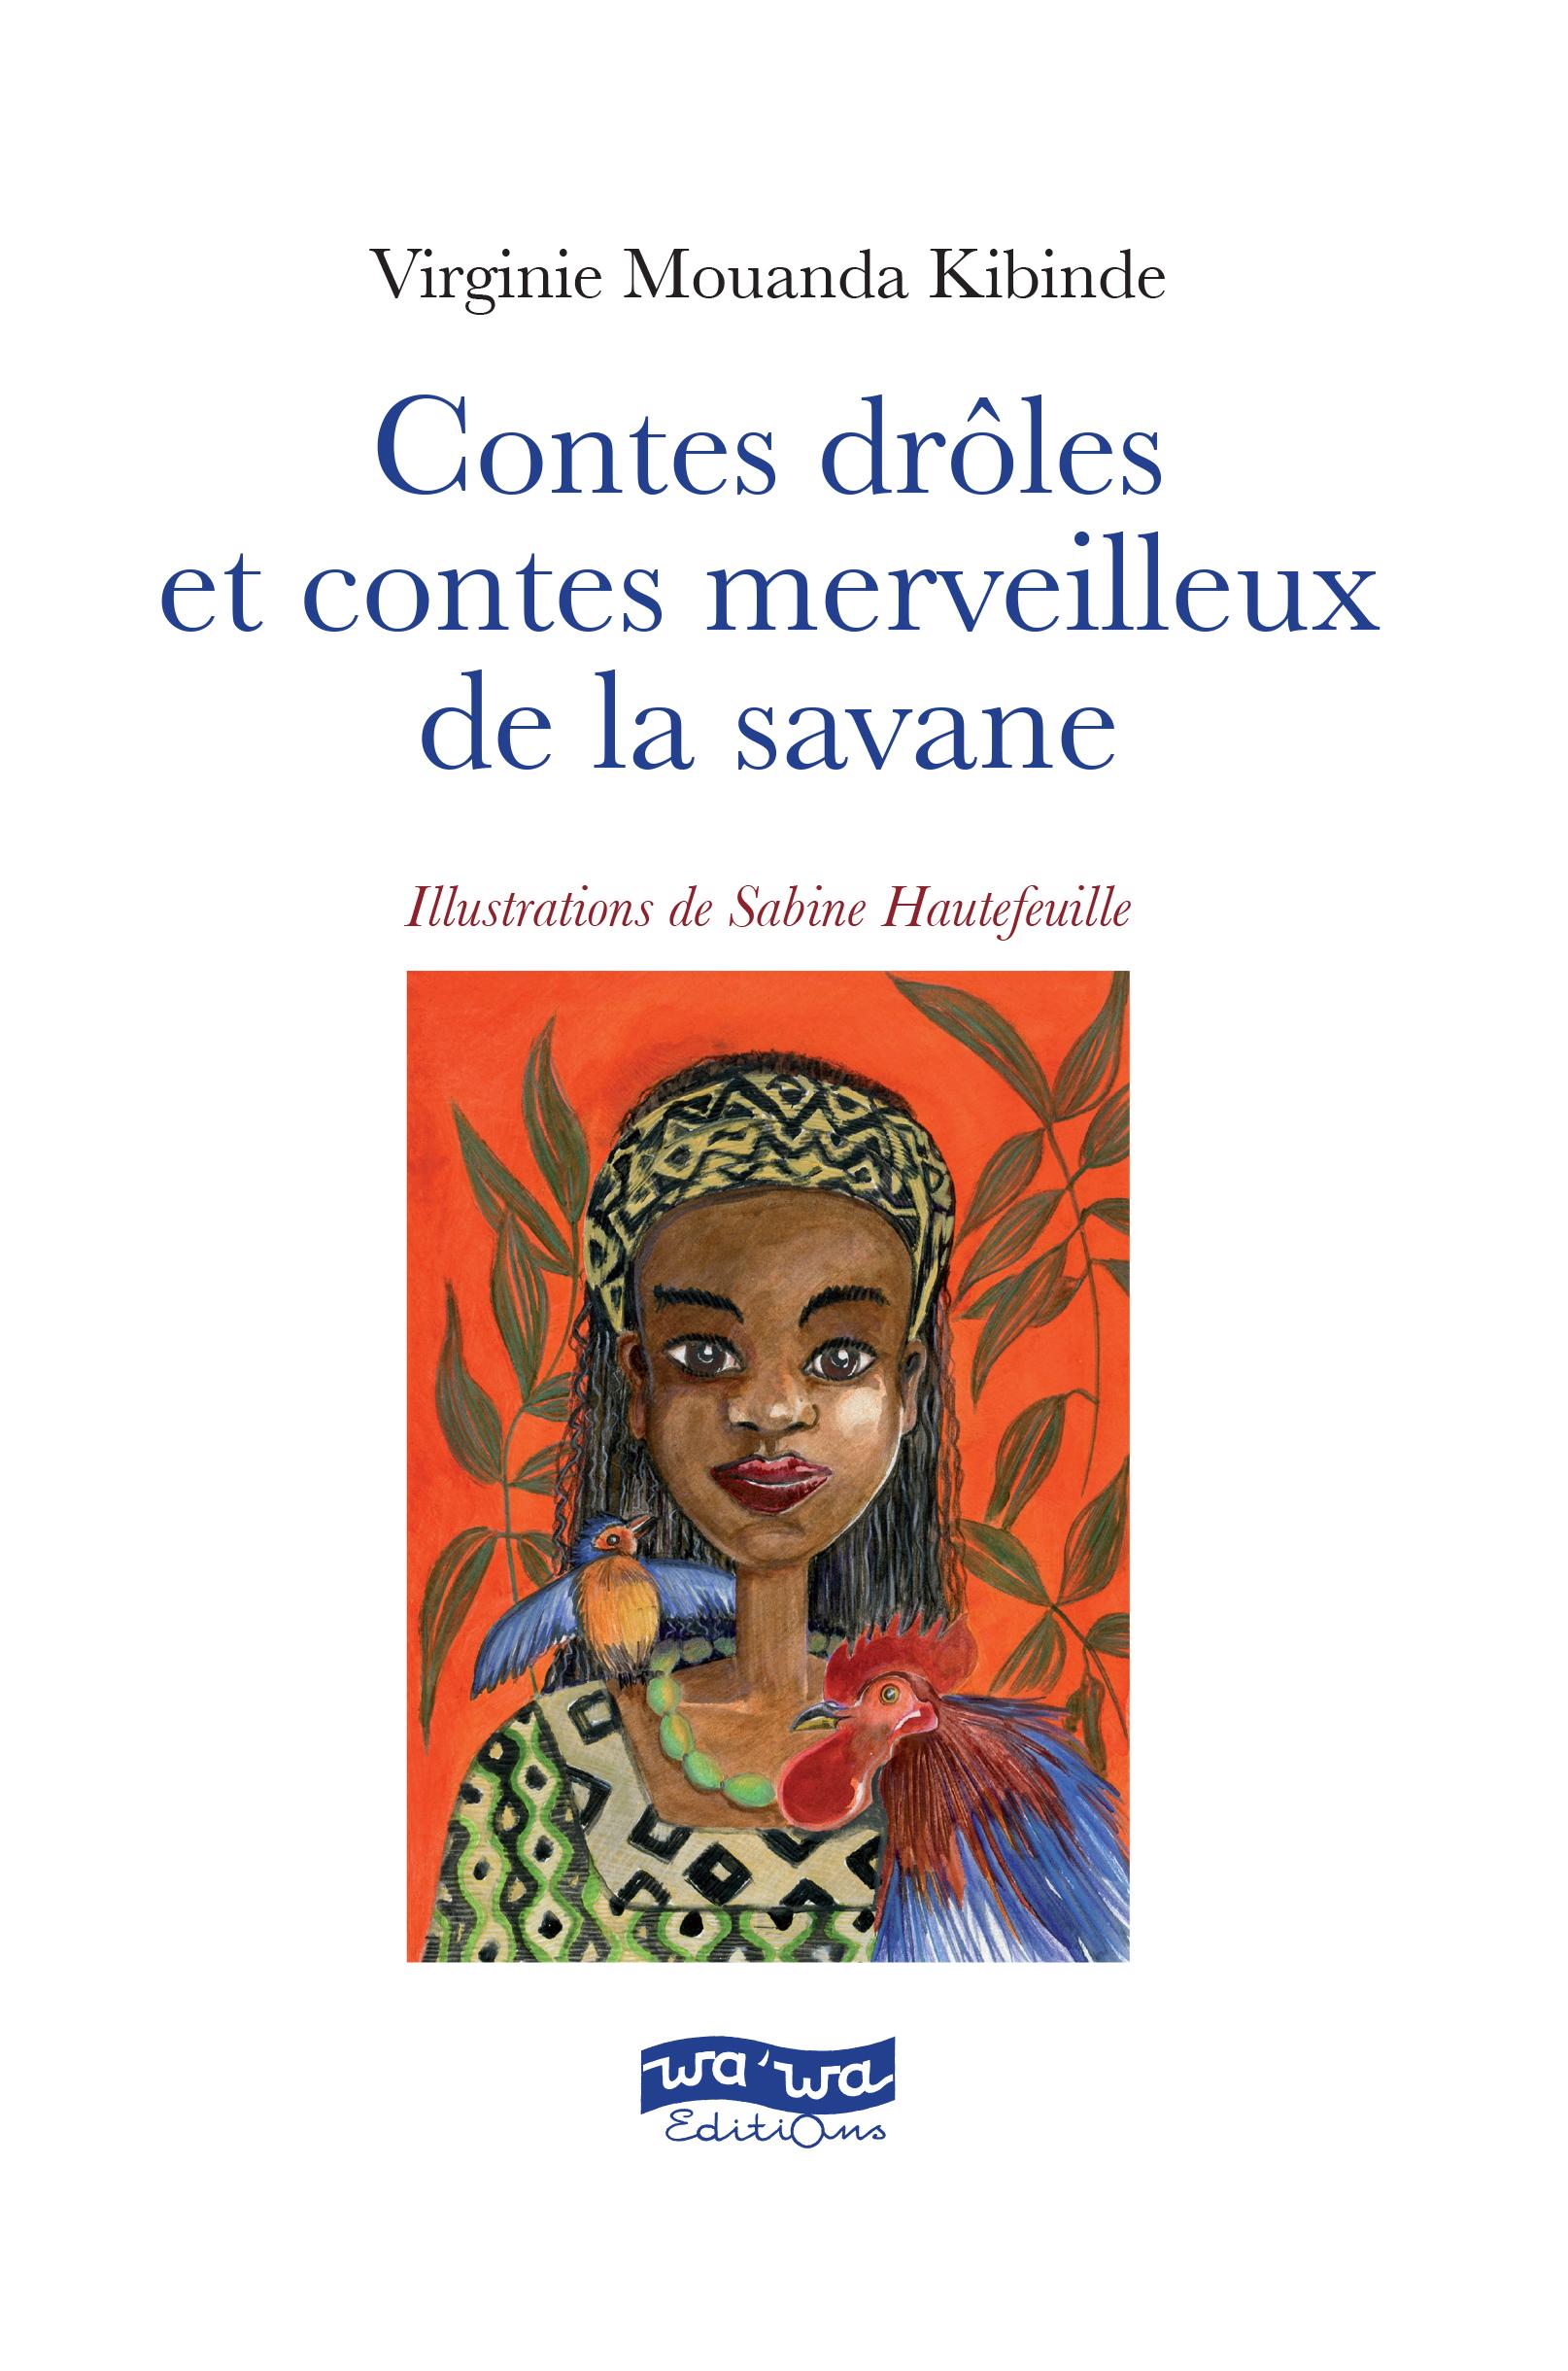 Contes drôles et contes merveilleux de la savane